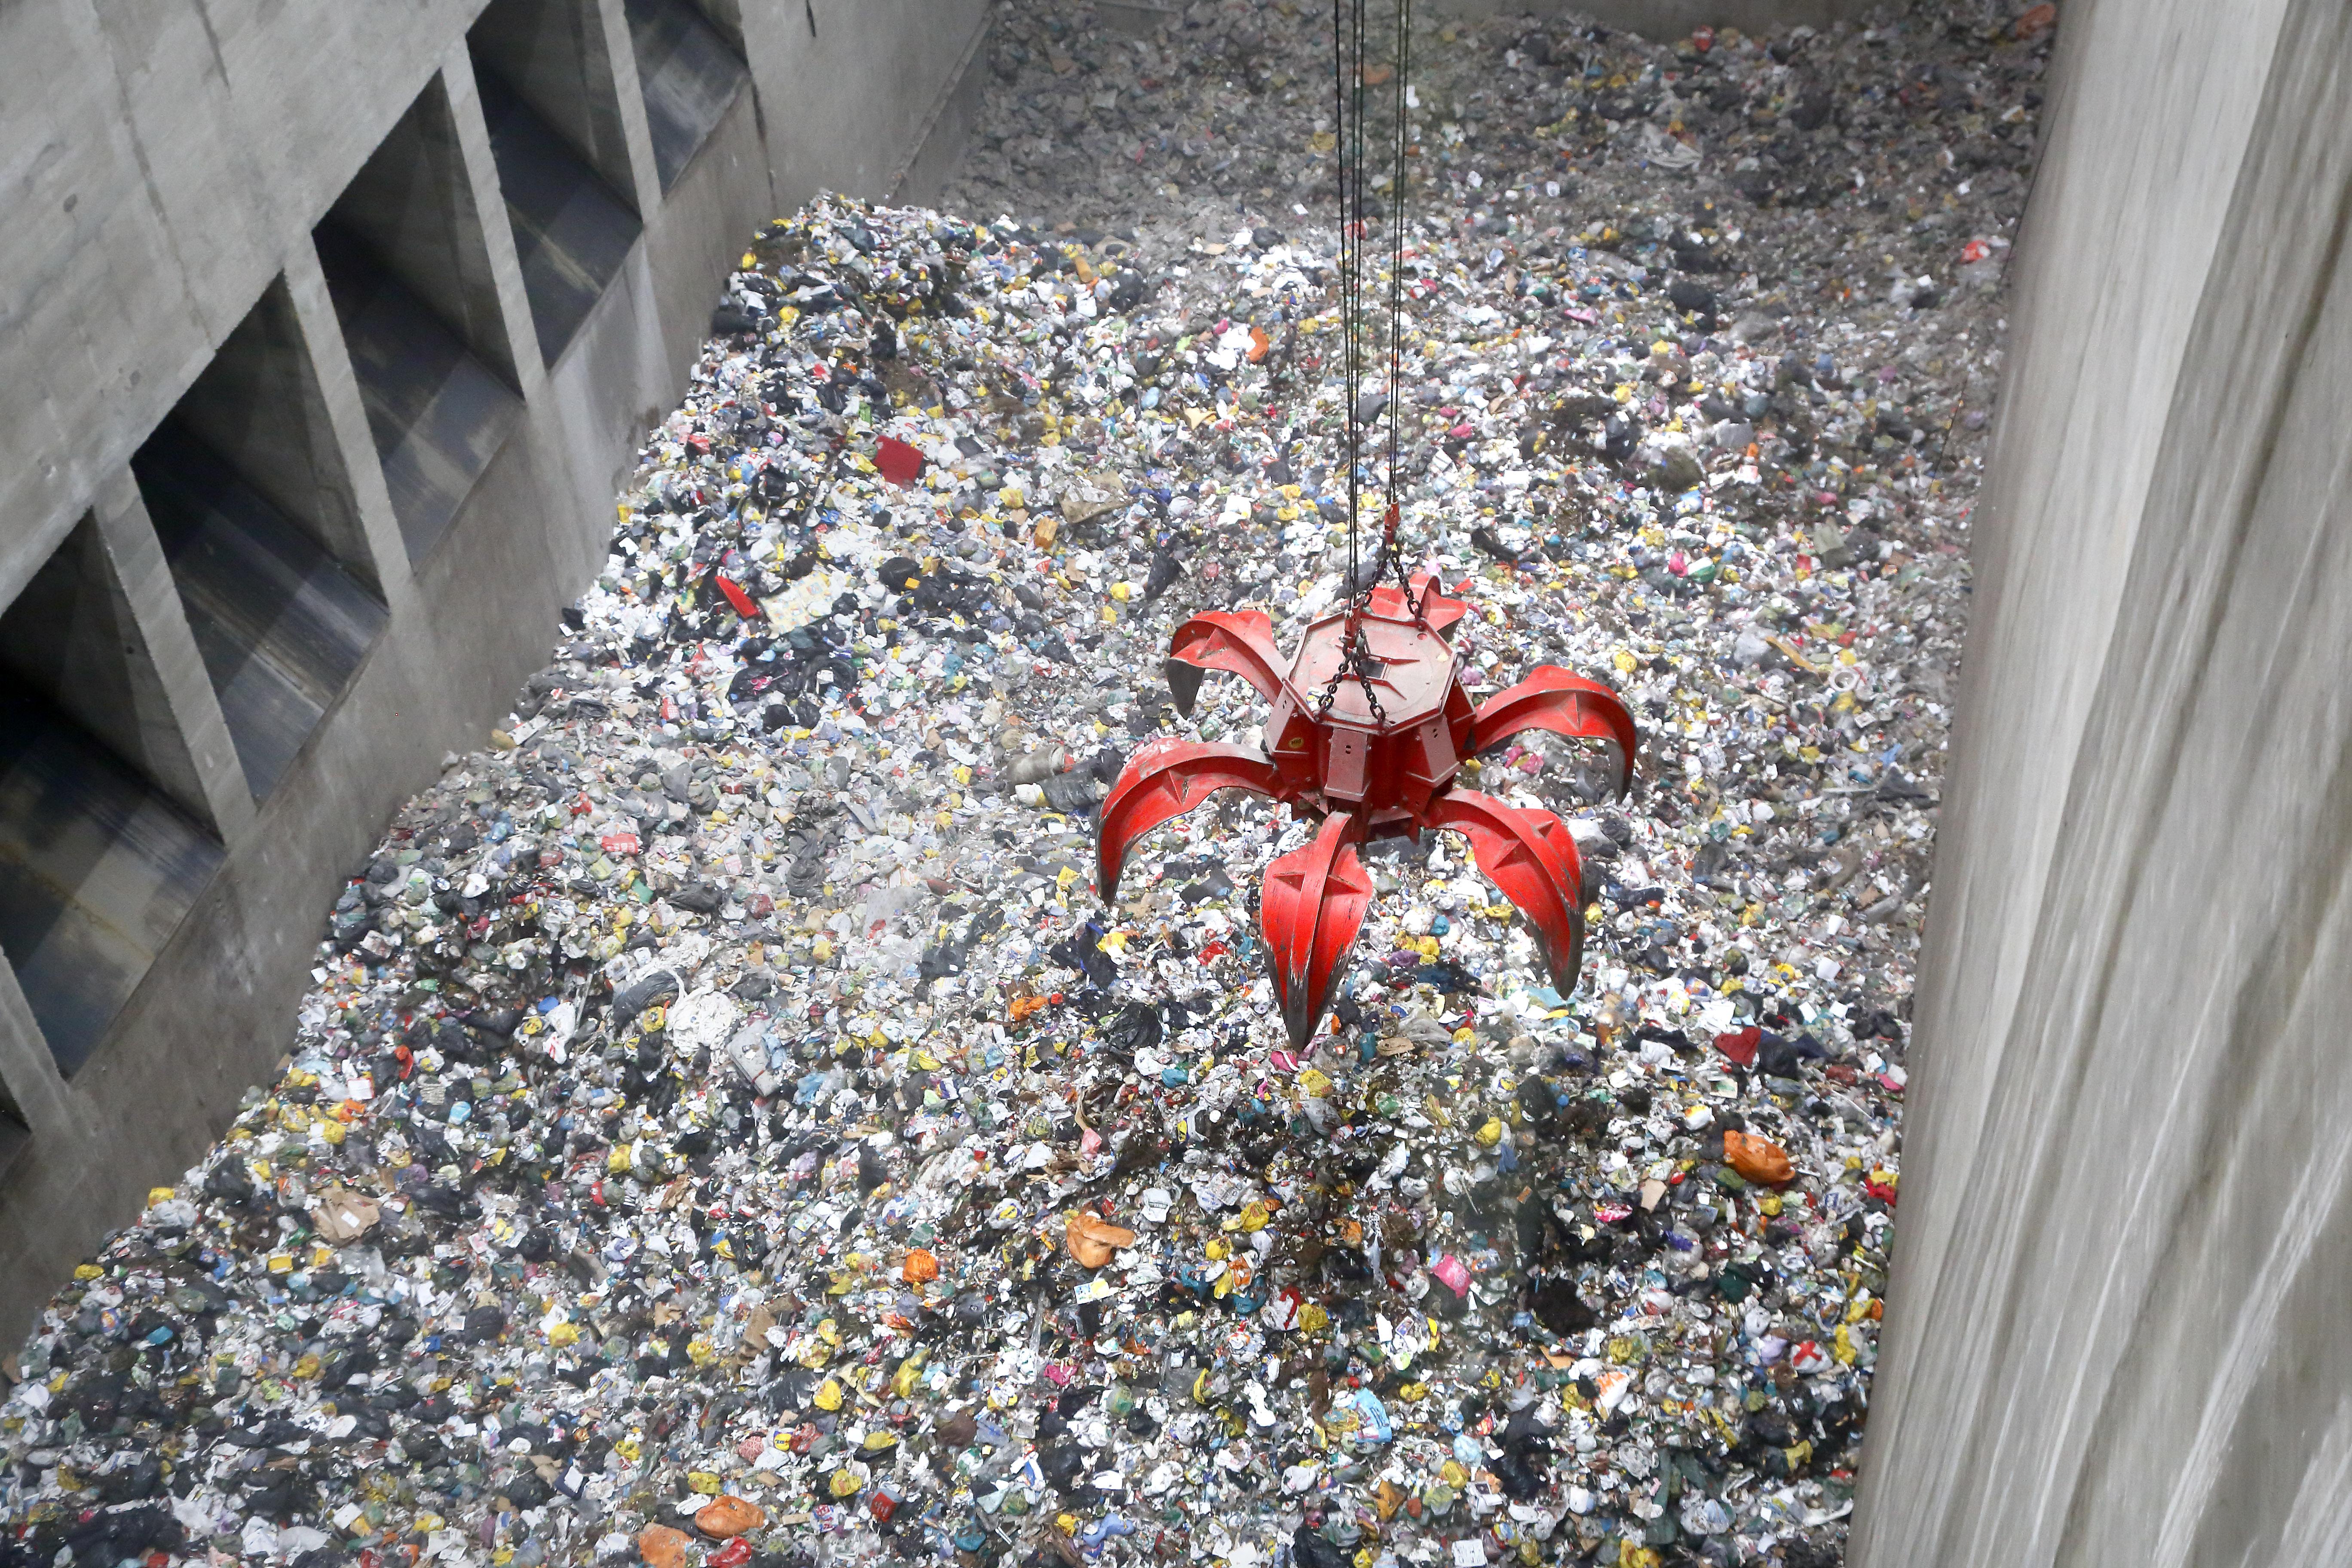 Orgaaninen jäte on merkittävä osa jätteenpolton materiaalista. Kuva vantaan energian jätevoimalasta.